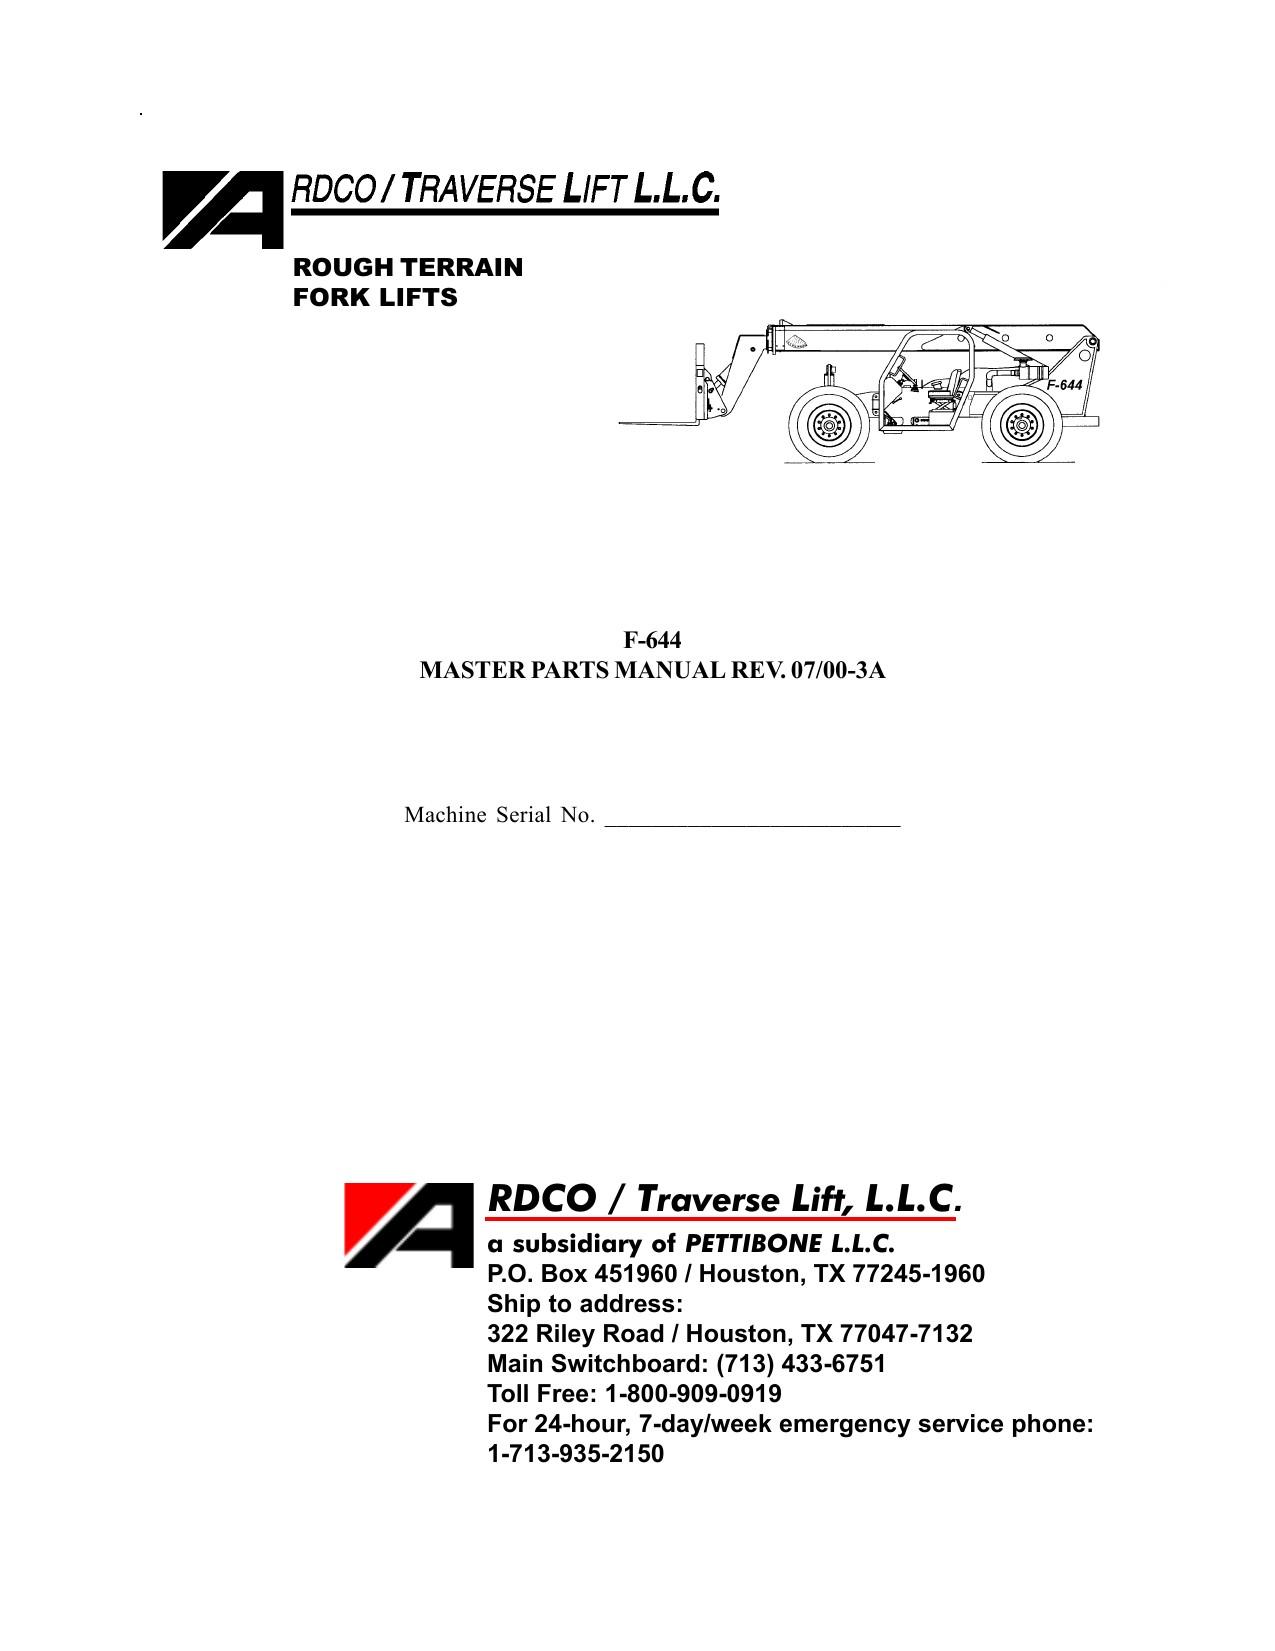 Snorkel Lift Steering Wiring Diagram Rdco Traverse Lift Llc Of Snorkel Lift Steering Wiring Diagram